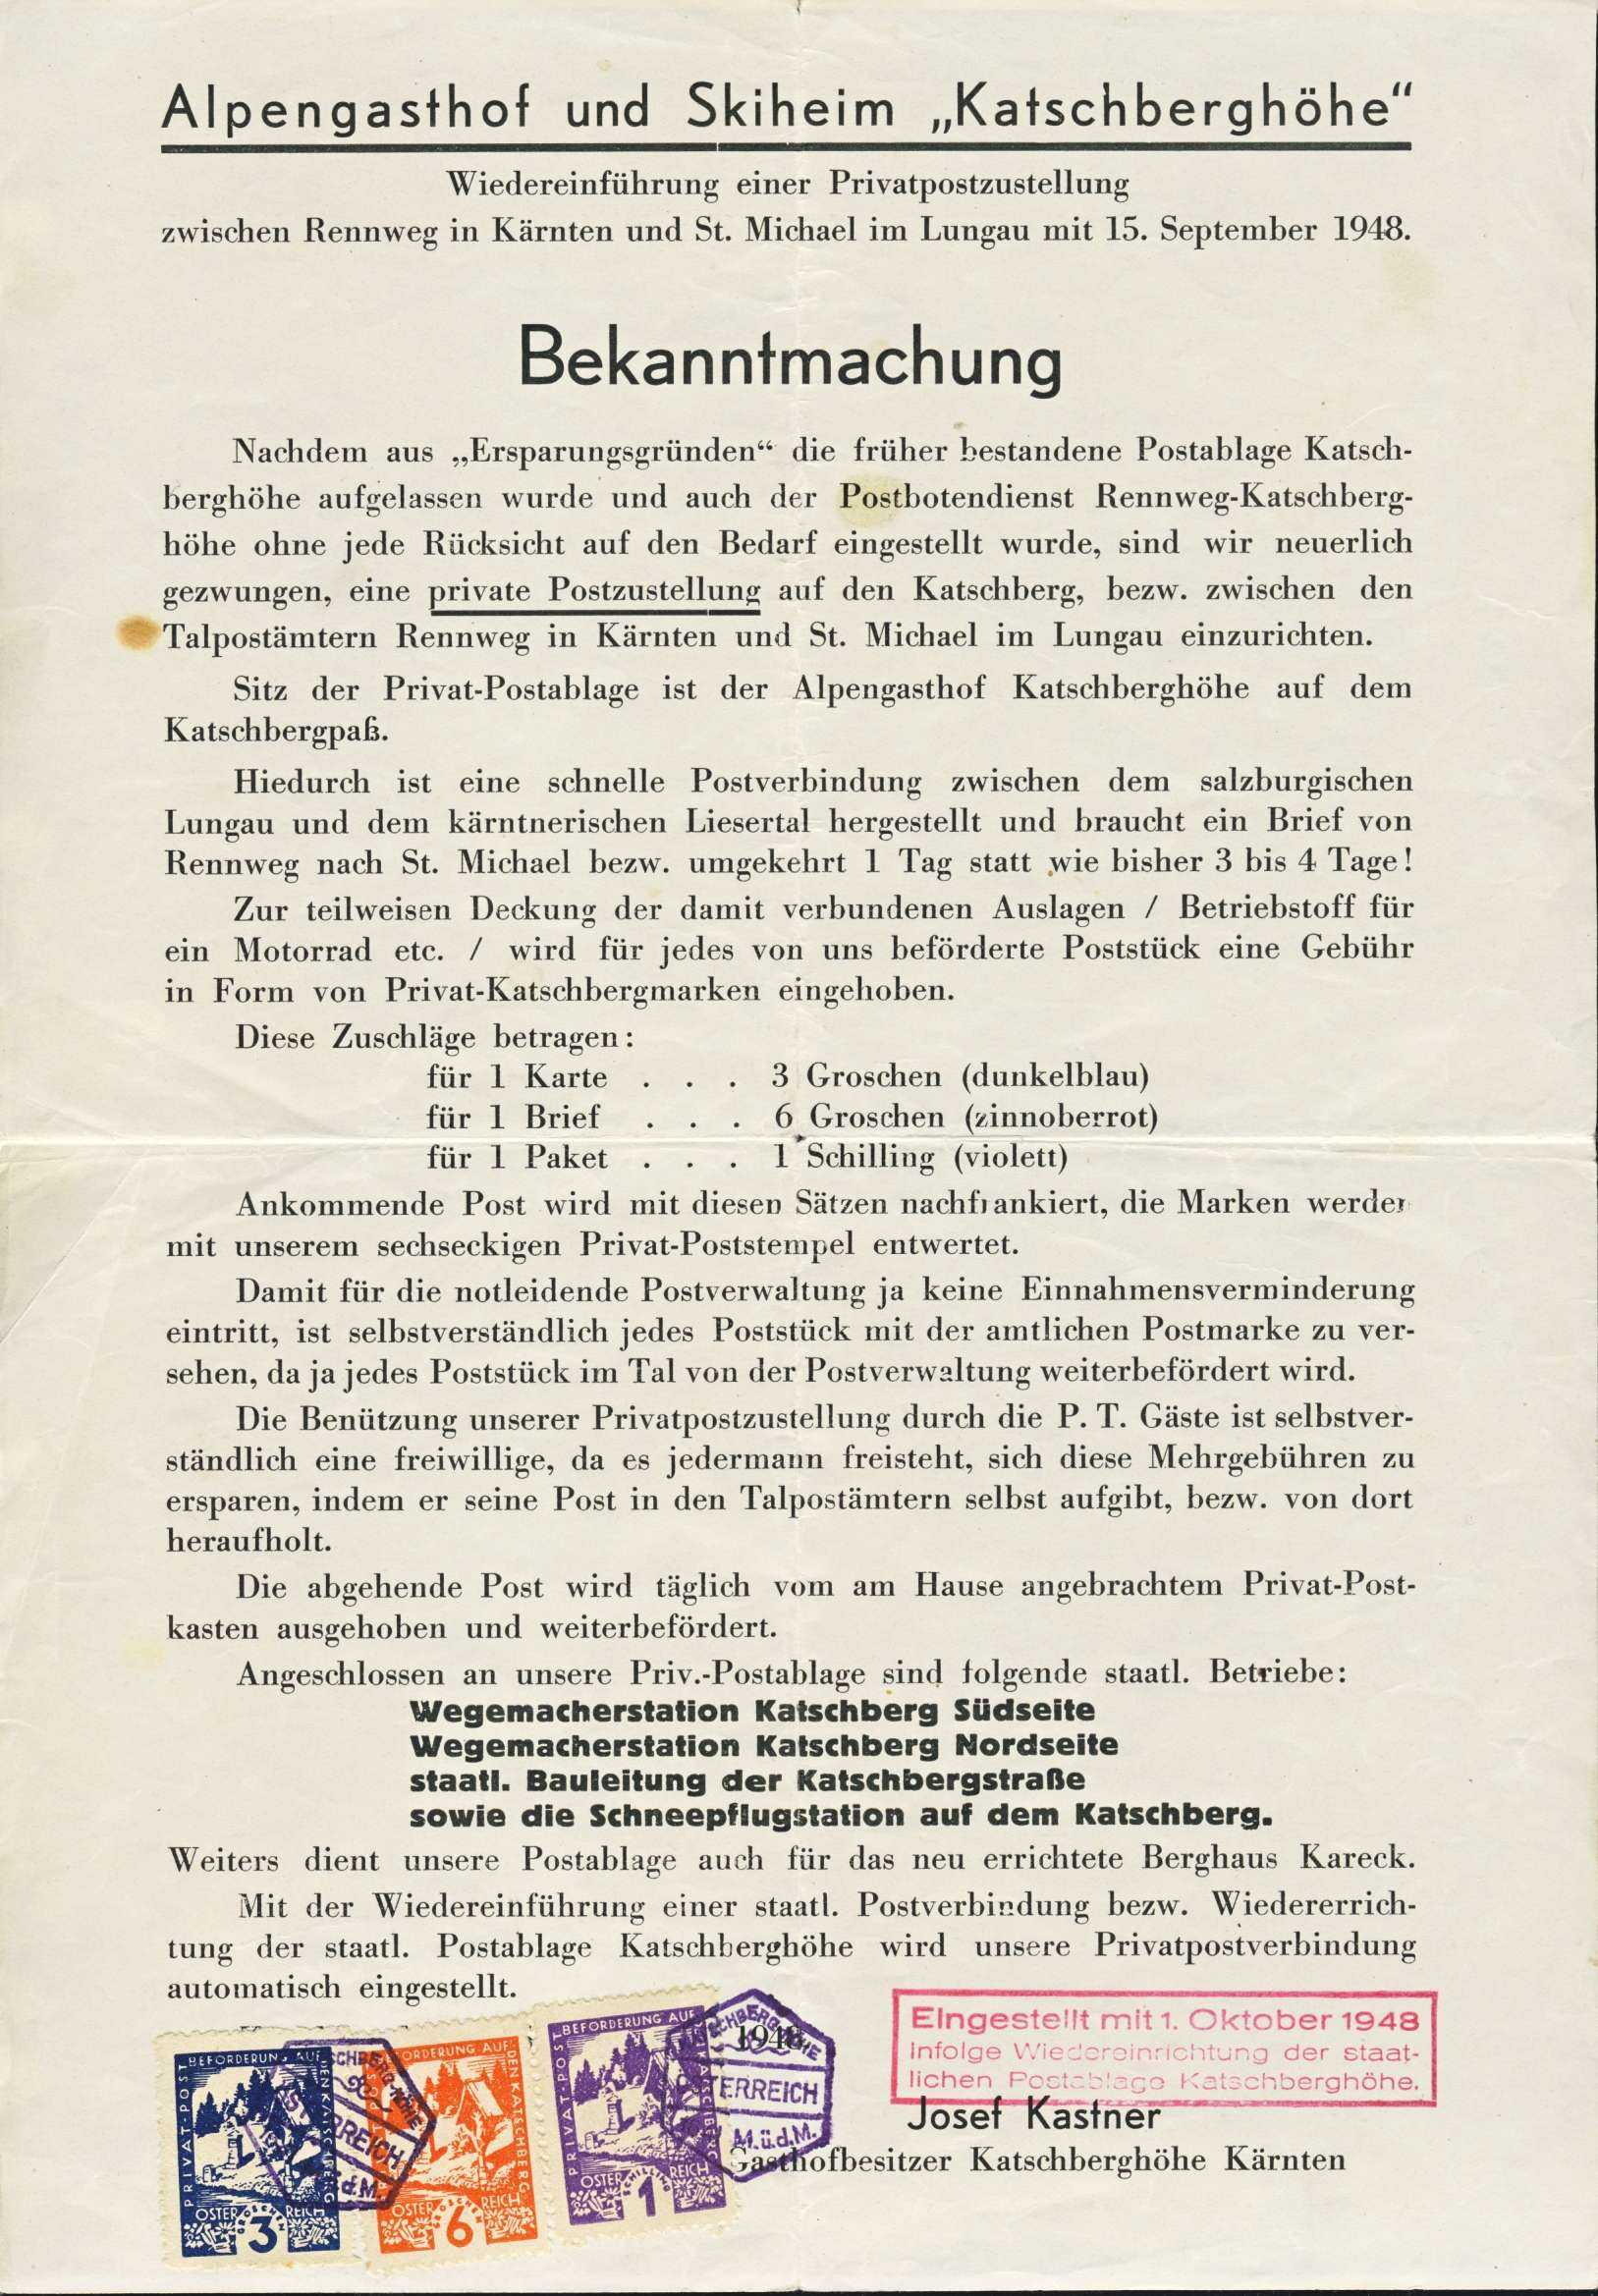 P-Post-Katschberg_B-02a